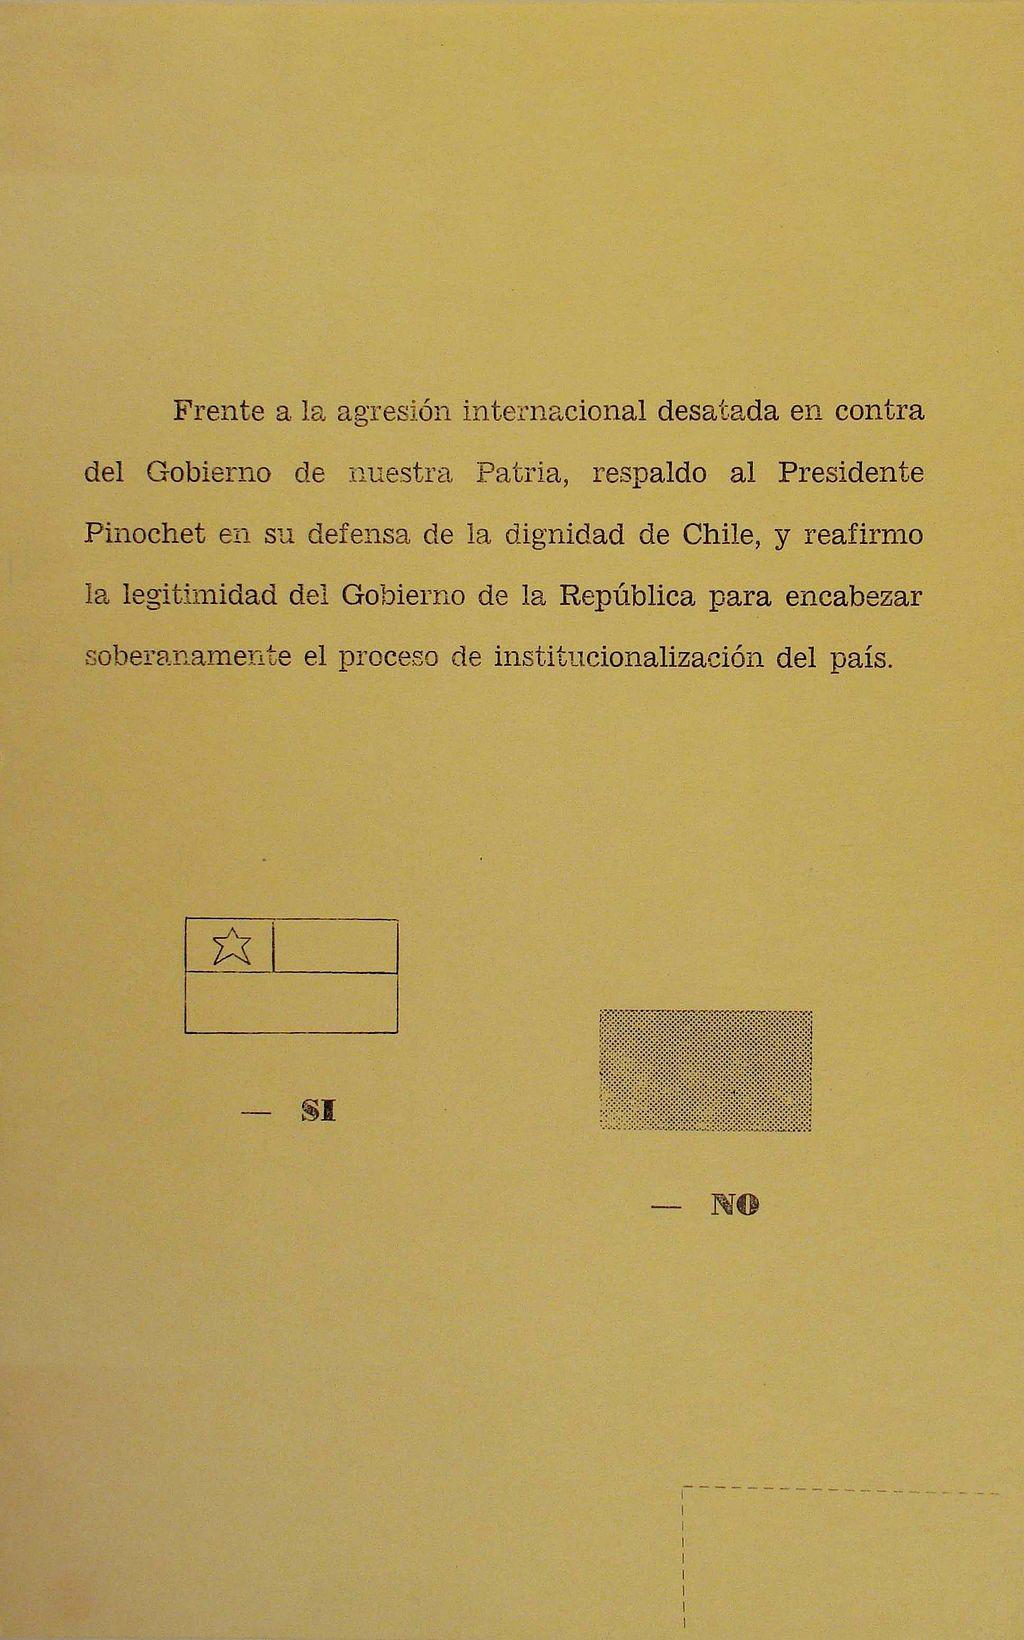 Consulta Nacional de 1978: fue un referéndum que se llevó a cabo en Chile en 1978, durante el la dictadura cívico-militar para consultar a los ciudadanos si apoyaban o rechazaban a la legitimidad del gobierno. El si ganó con un 78,6%